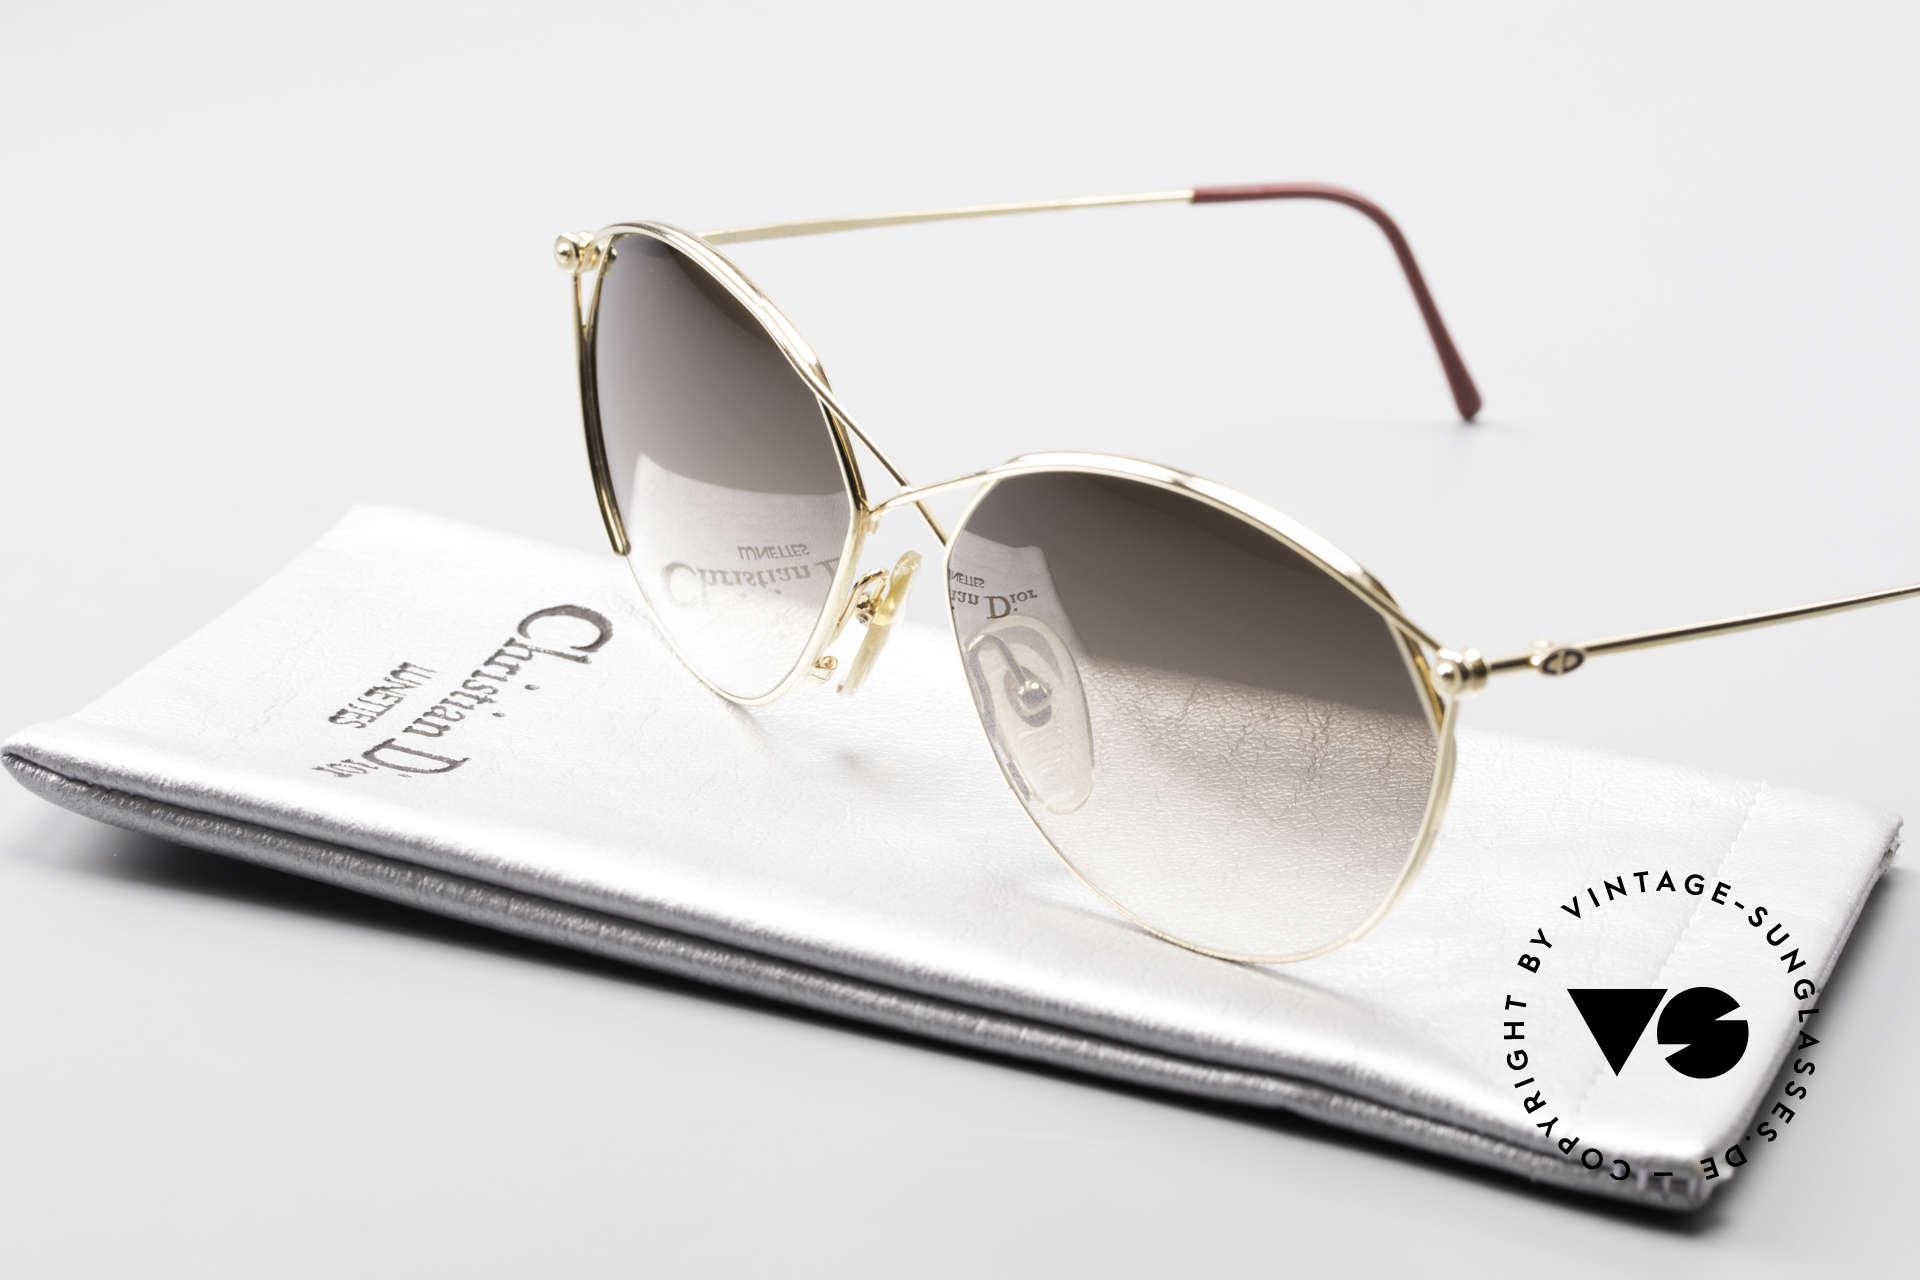 Christian Dior 2390 Damen Designer Sonnenbrille, Sonnengläser in braun-Verlauf: 100% UV Protection, Passend für Damen